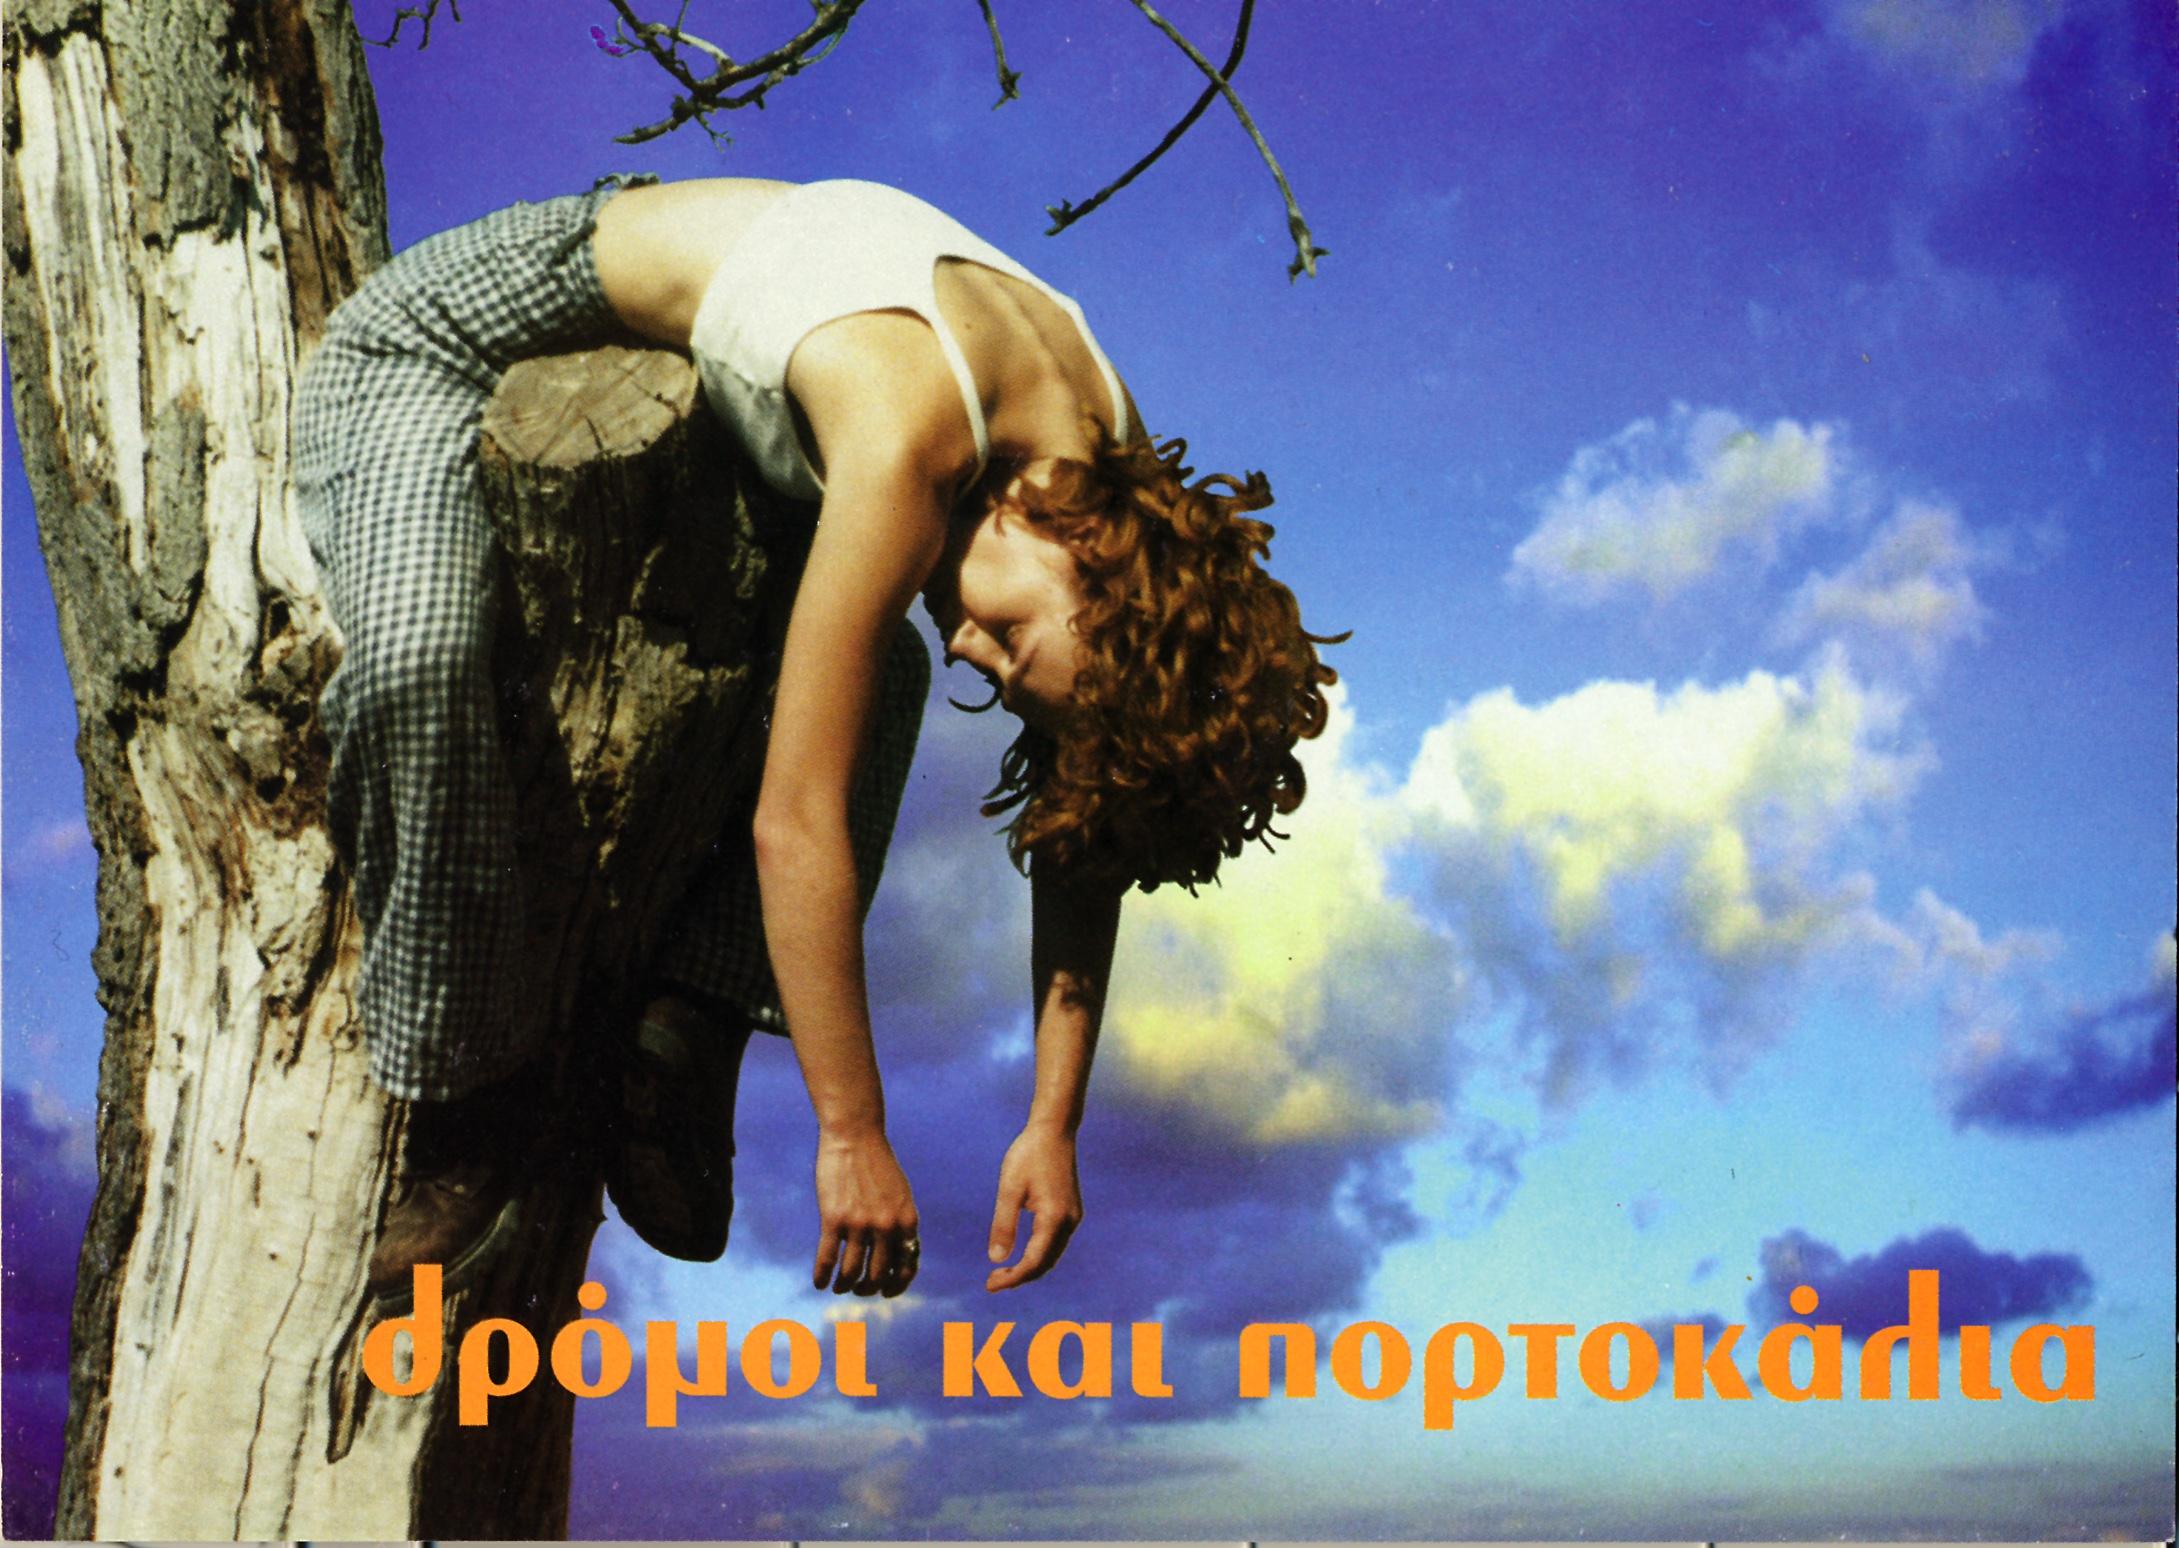 Δρόμοι και Πορτοκάλια (1996) / ΜΕΓΑΛΟΥ ΜΗΚΟΥΣ